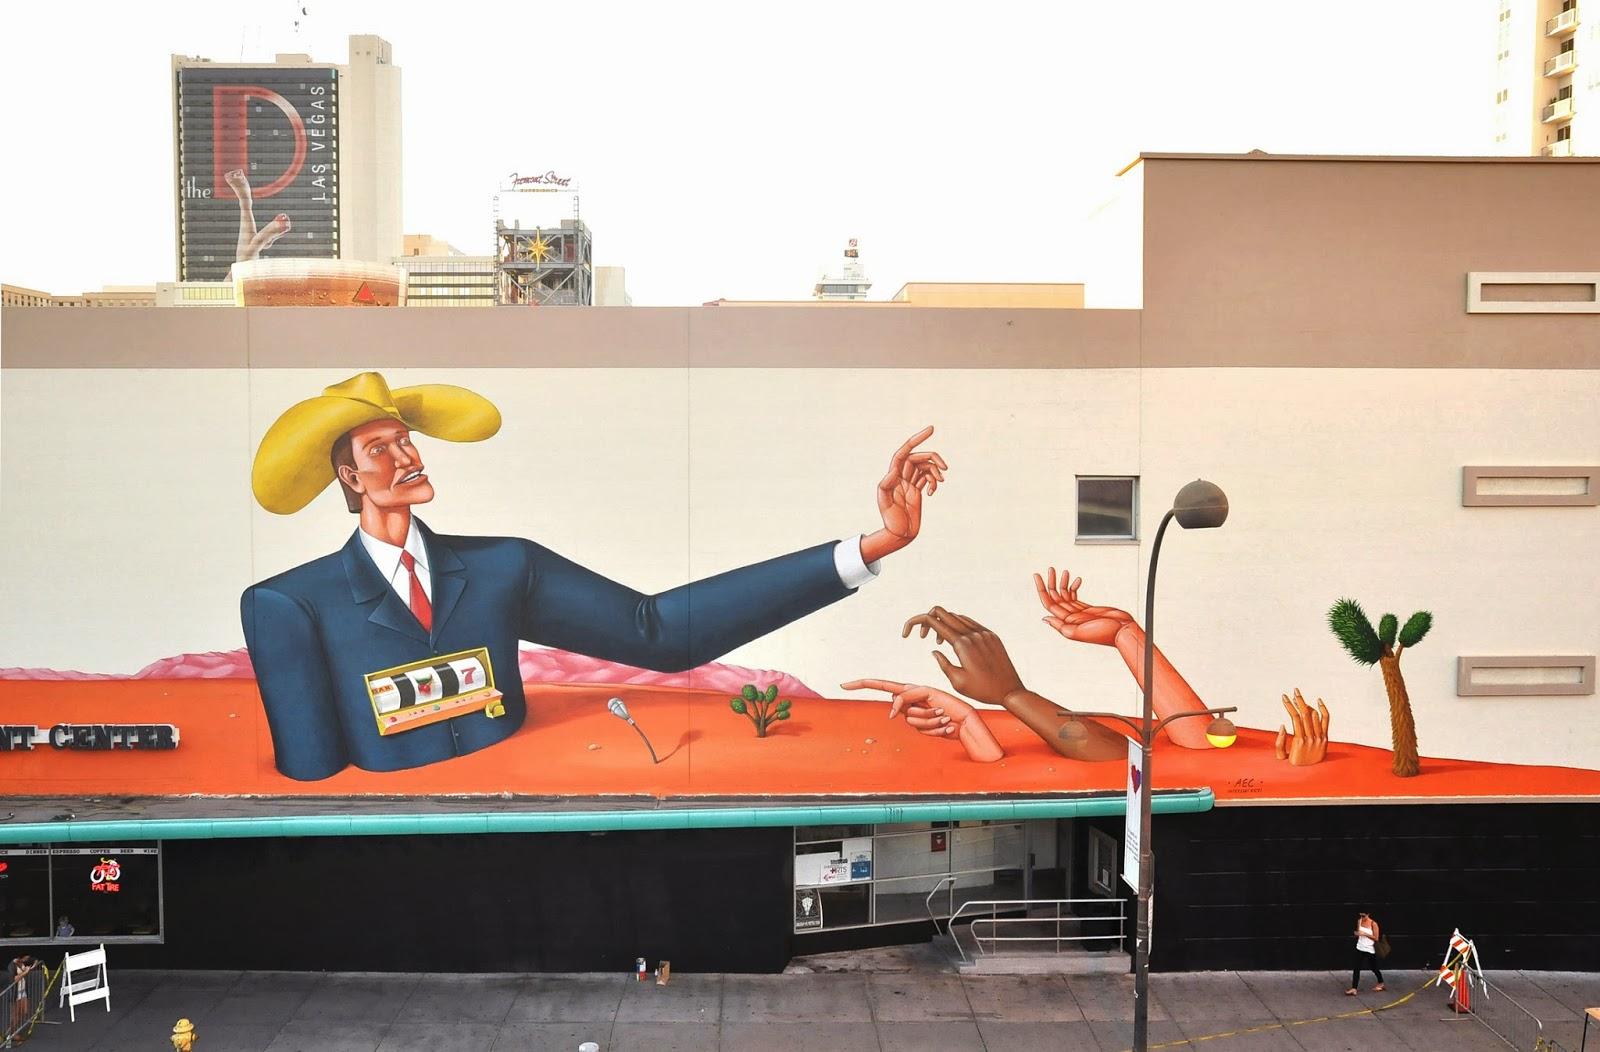 interesni-kazki-new-mural-las-vegas-usa-01